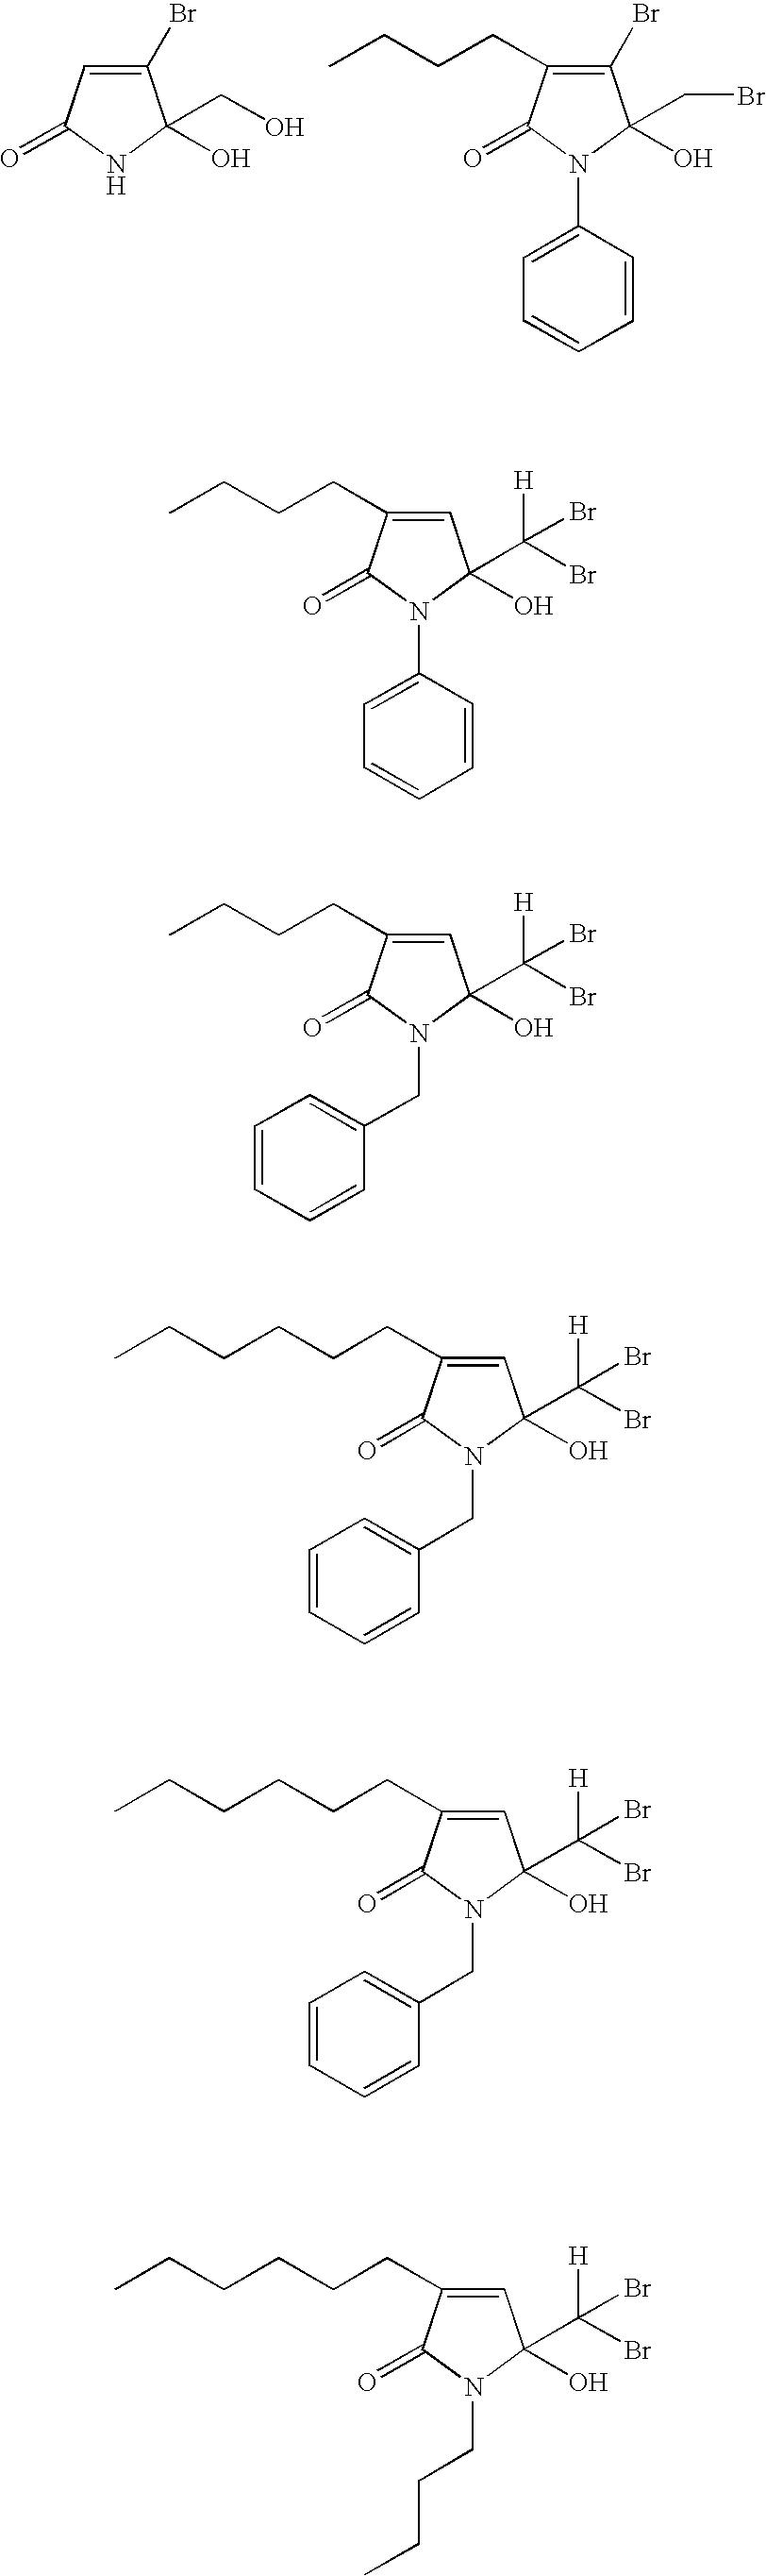 Figure US07923439-20110412-C00012